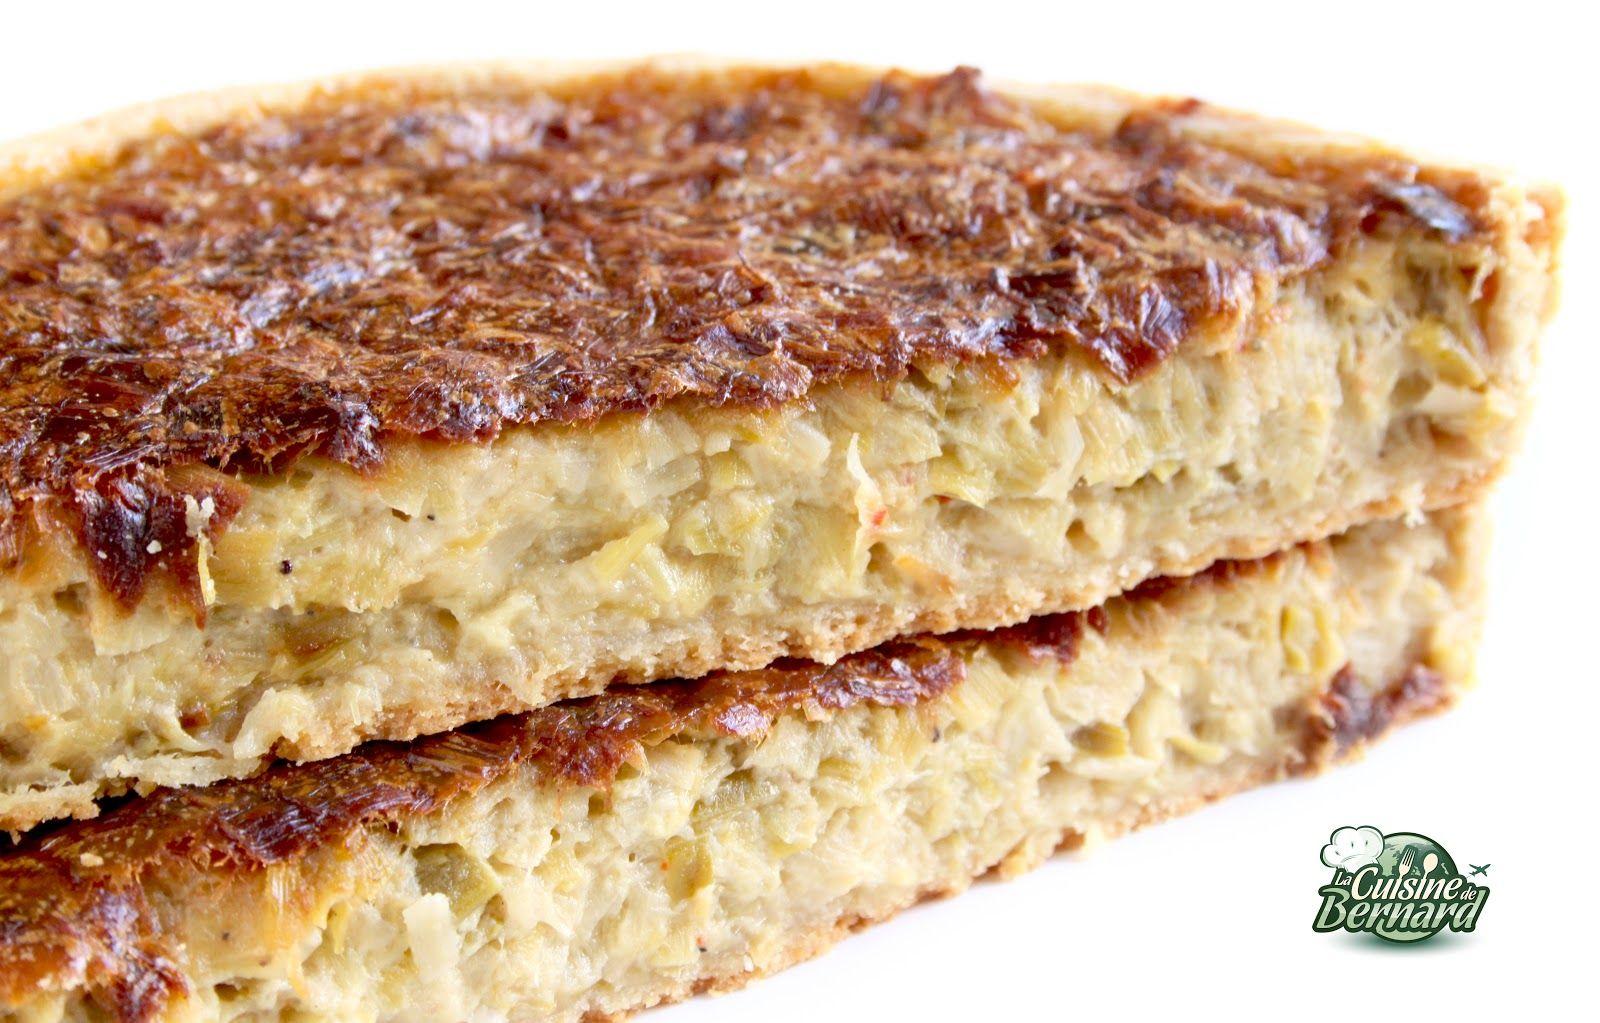 la cuisine de bernard : tarte aux poireaux (note pat : fait avec